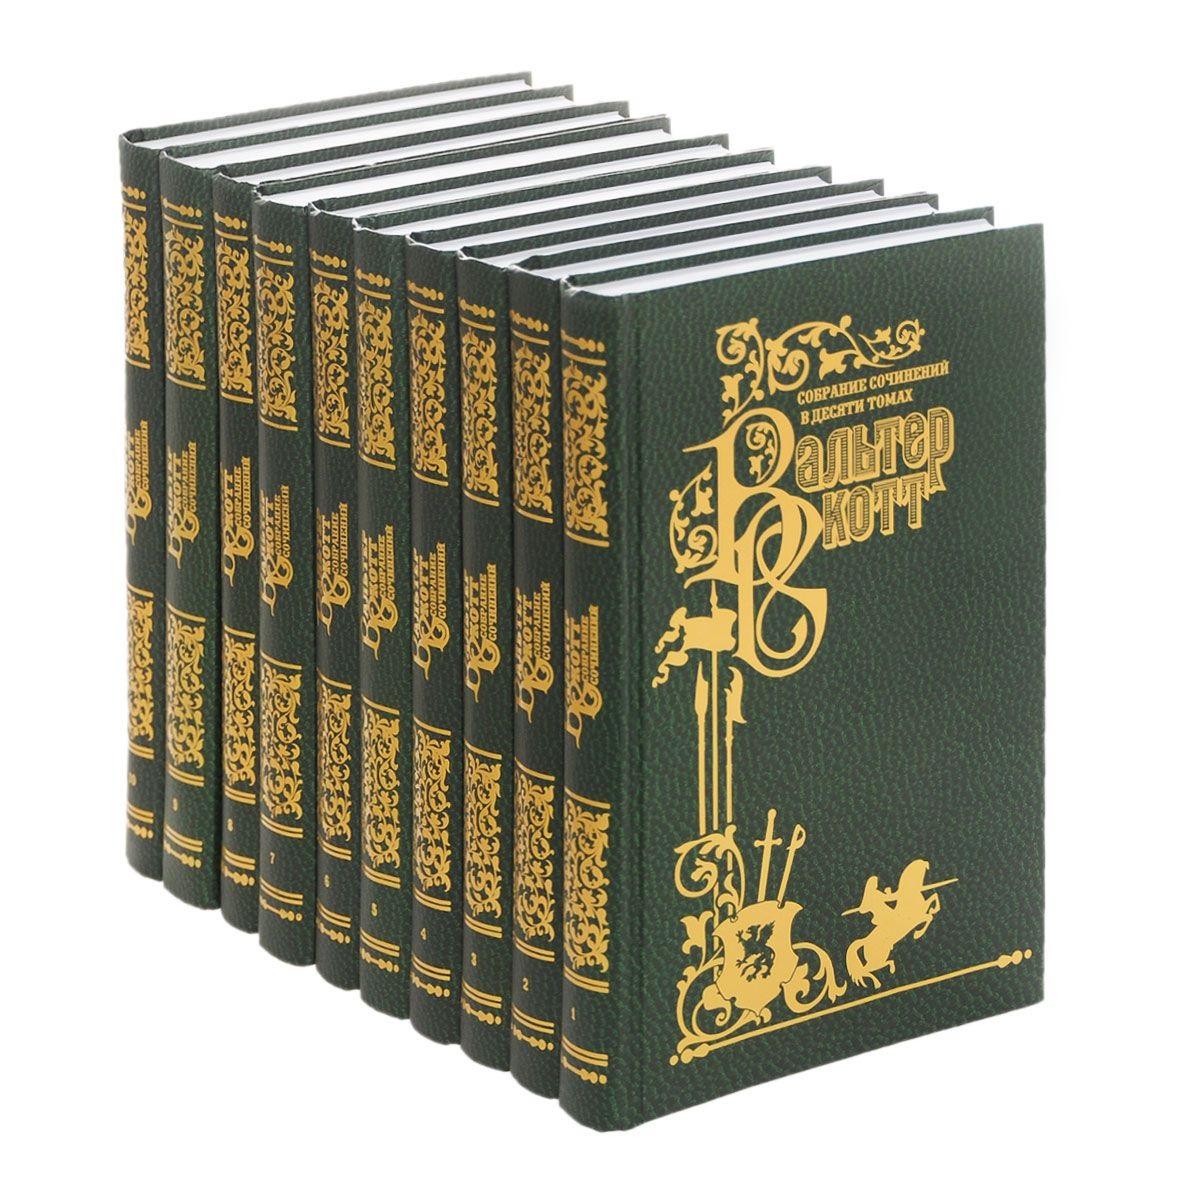 Вальтер Скотт. Собрание сочинений. В десяти томах (комплект из 10 книг)